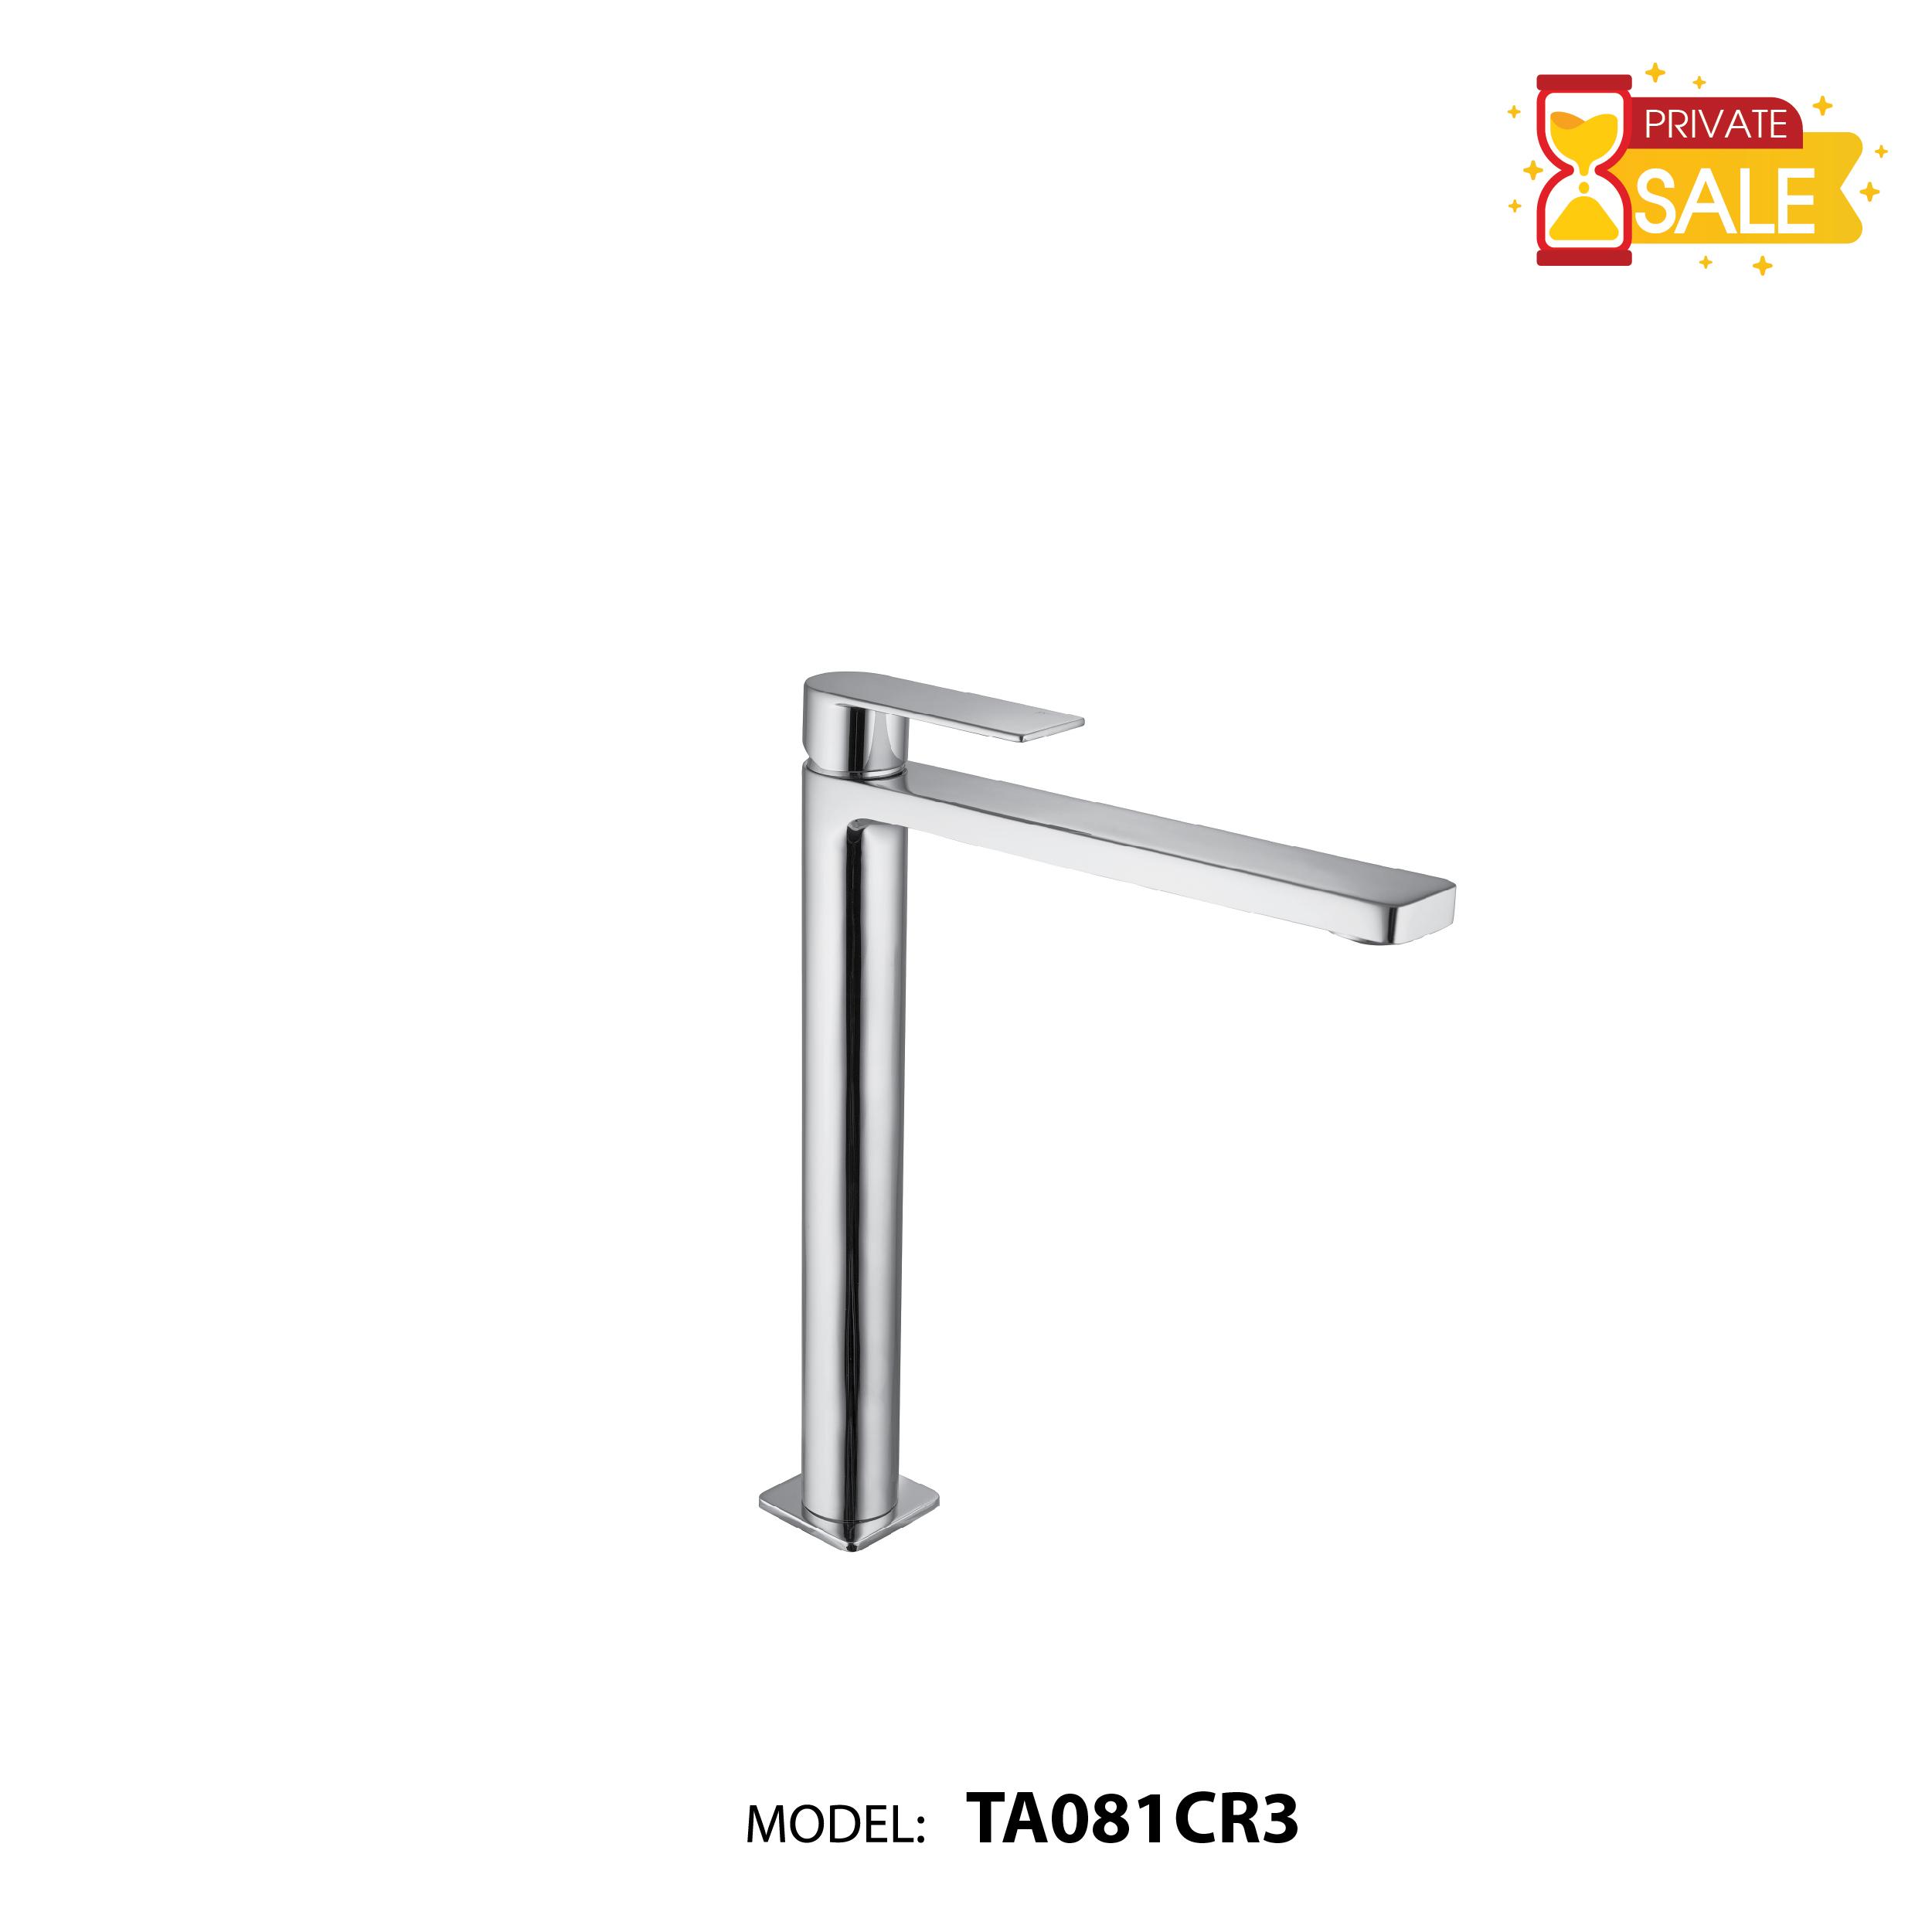 VÒI CHẬU NÓNG LẠNH PAFFONI TA081CR3 (Vòi lavabo model: TA081CR3)